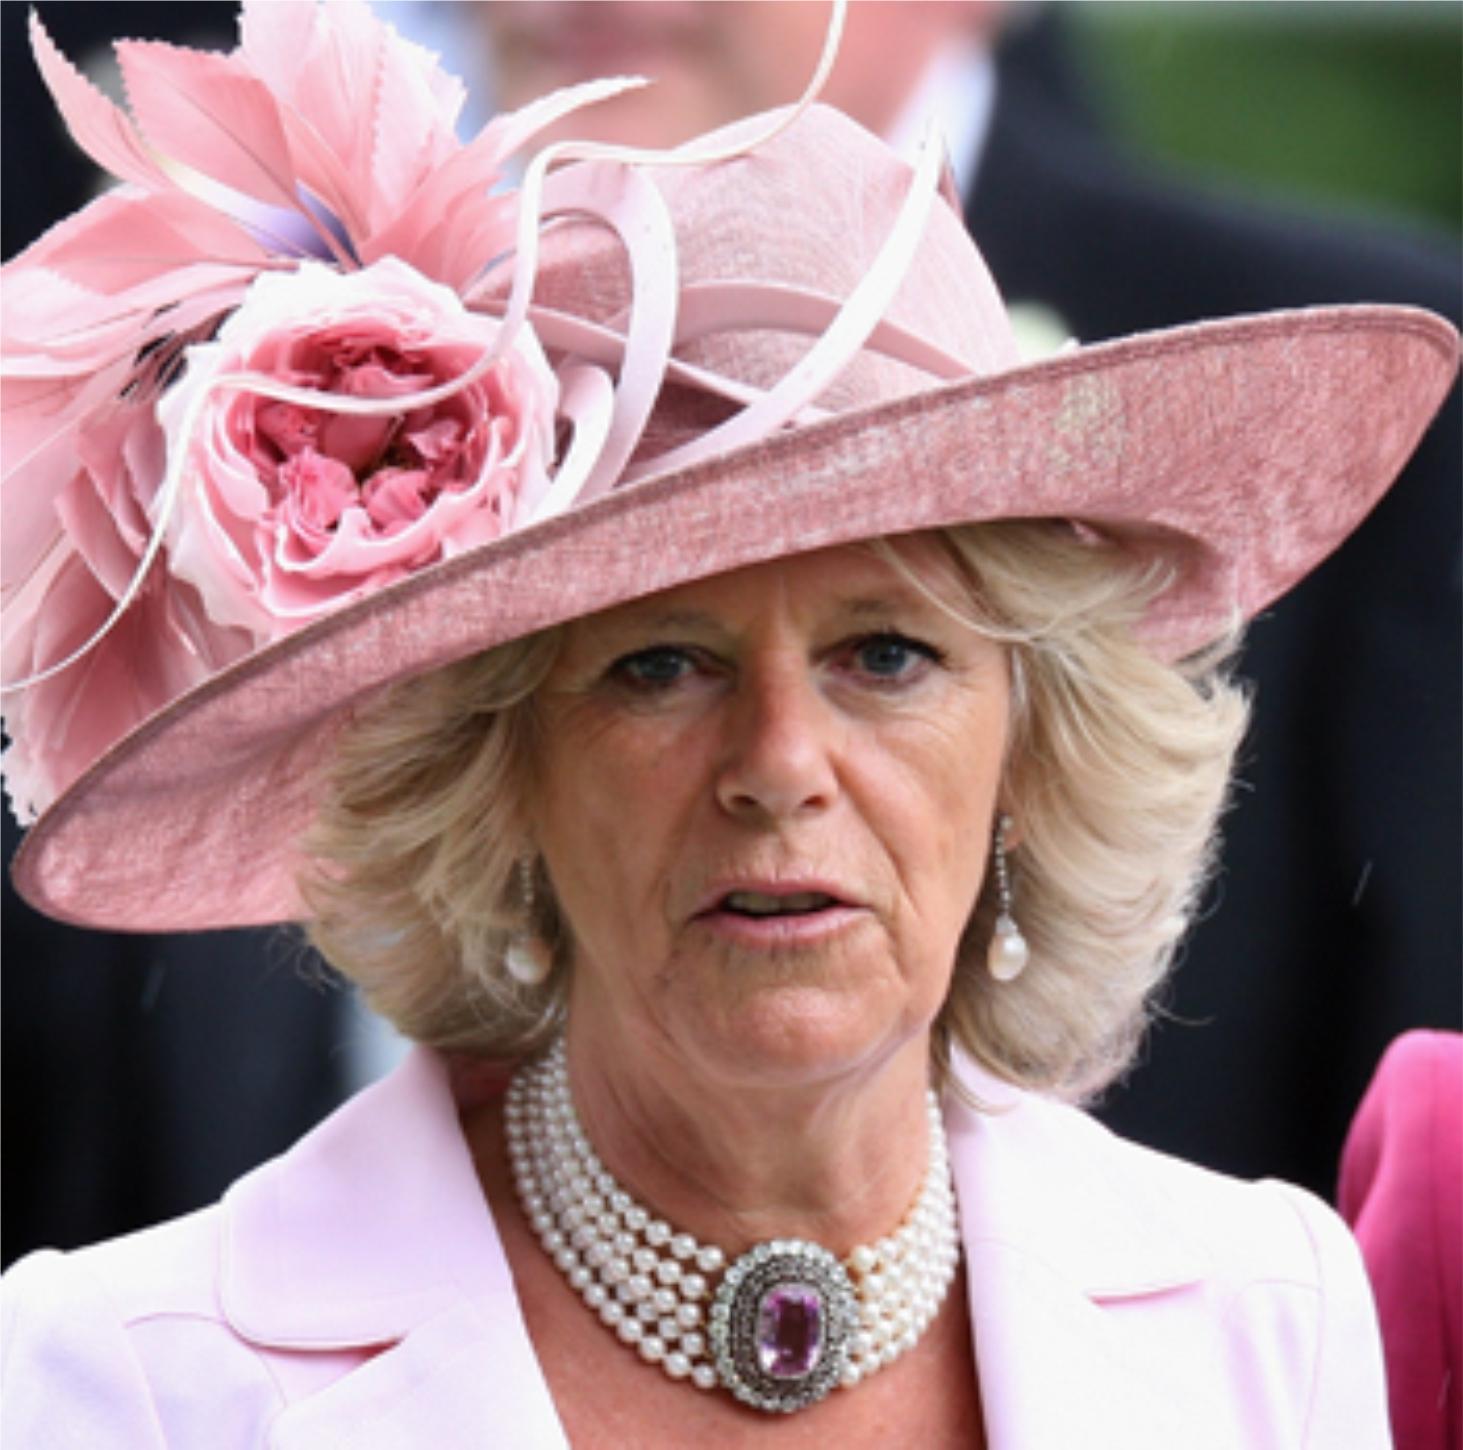 El Príncipe Harry no es hijo de Carlos y Diana. Es de Diana y James ...